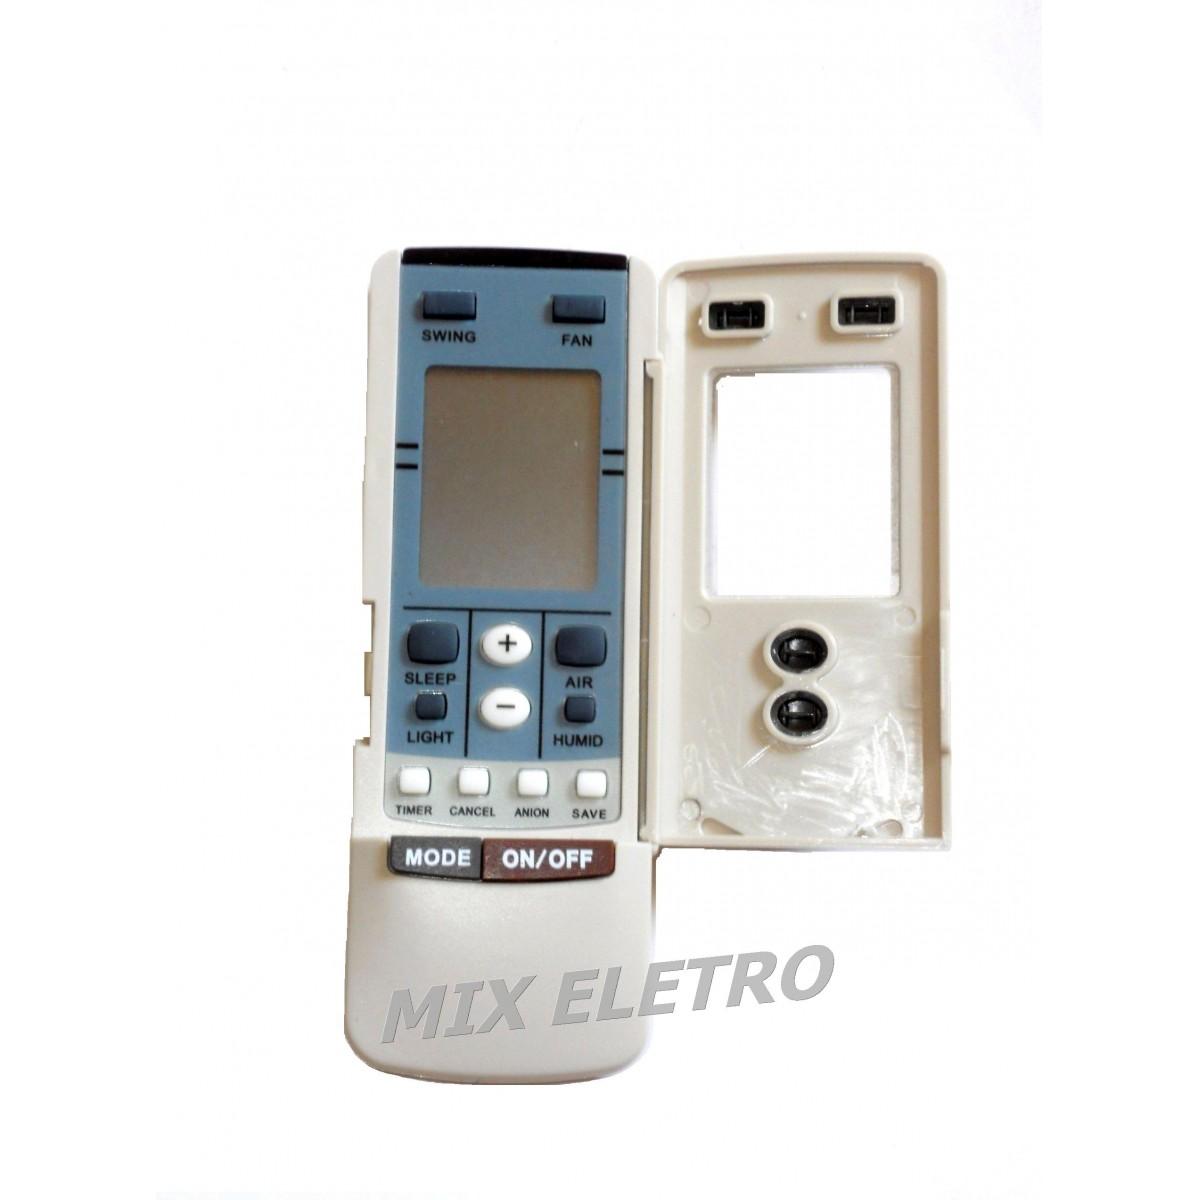 CONTROLE REMOTO PARA AR CONDICIONADO GREE Y-502 / Y-512  - Mix Eletro